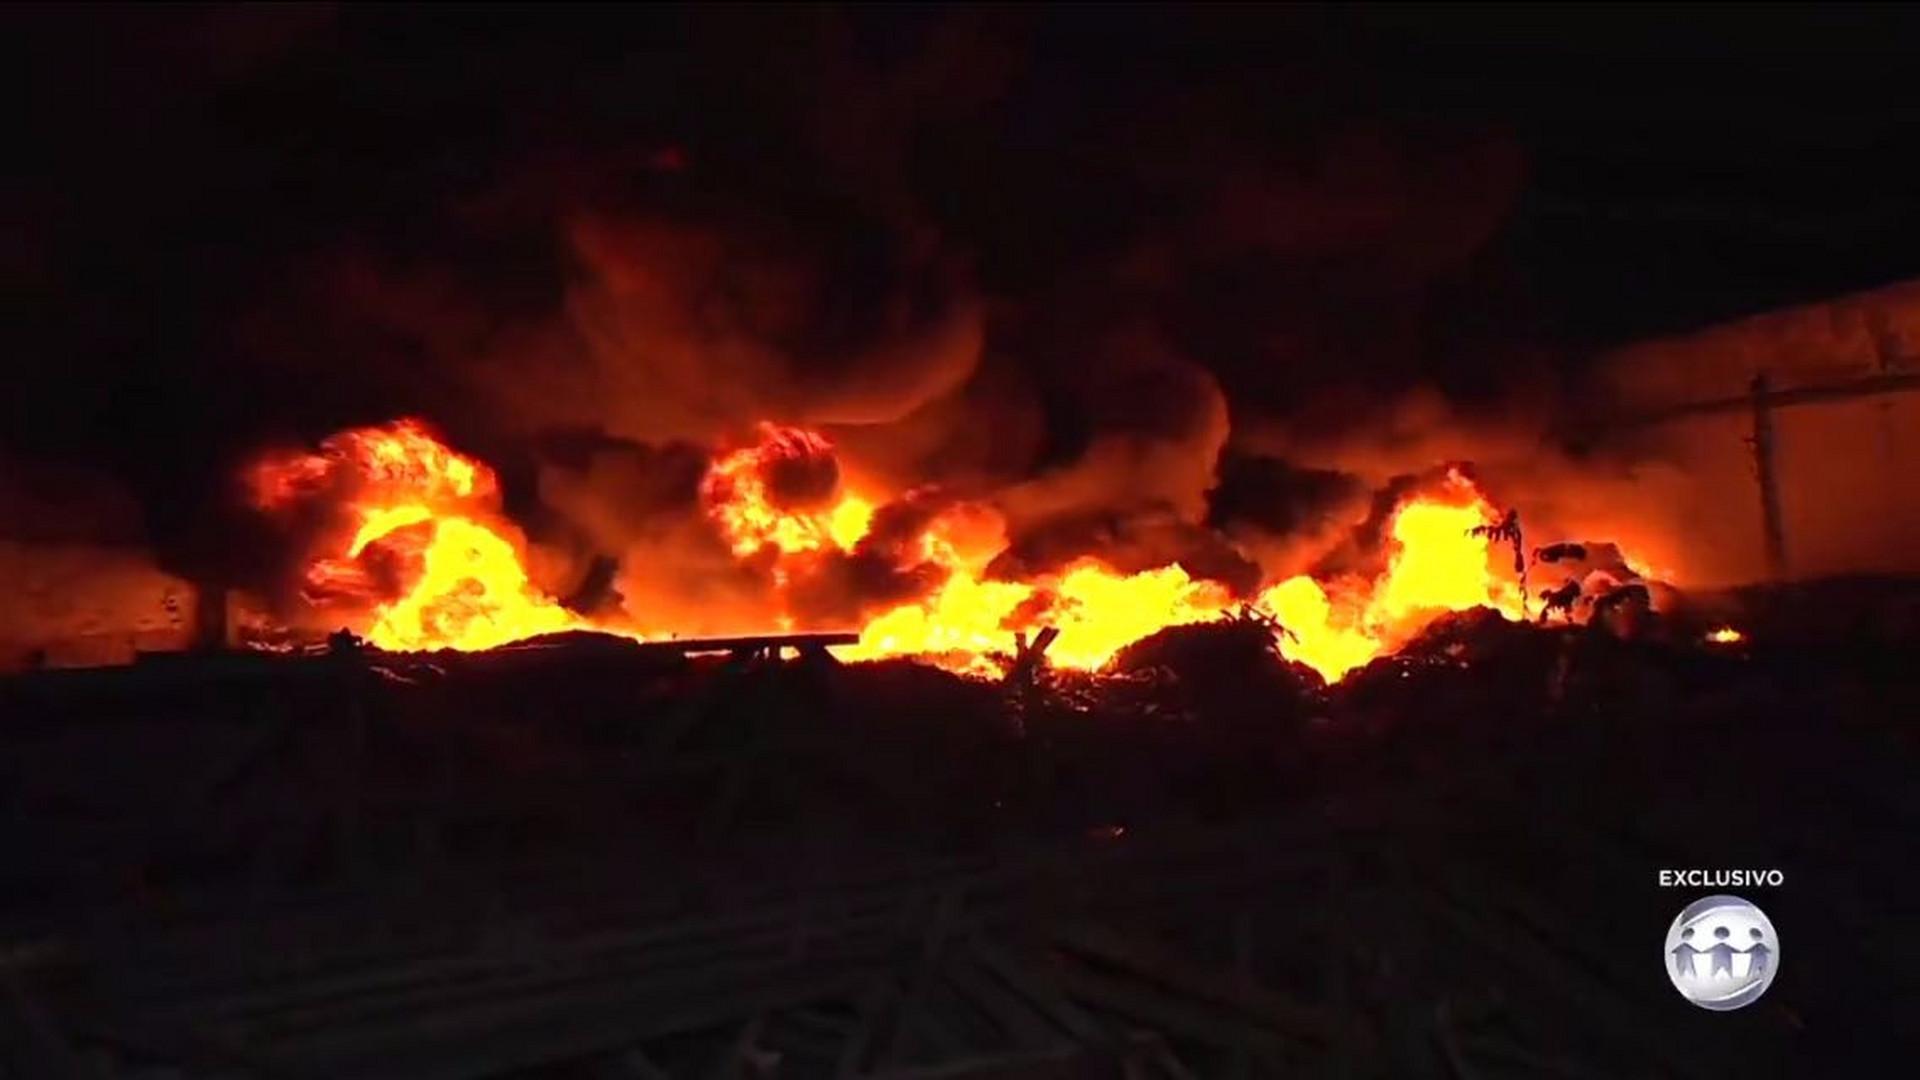 EXCLUSIVO: INCÊNDIO DESTRÓI GALPÃO NO PETRÓPOLIS - Cidade Alerta Manaus - 03/08/17